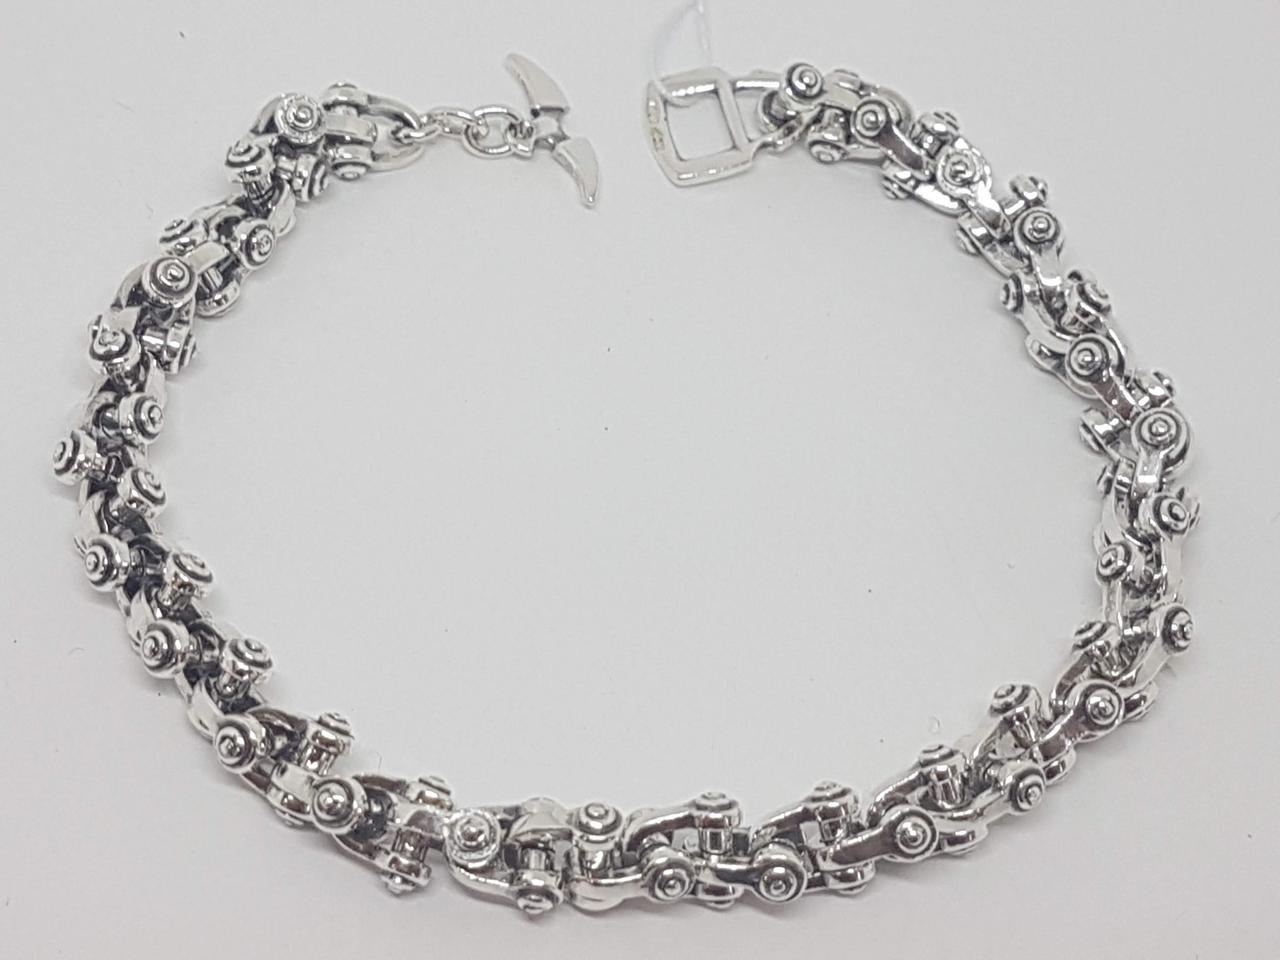 Срібний браслет (Фантазійне). Артикул 58190 22